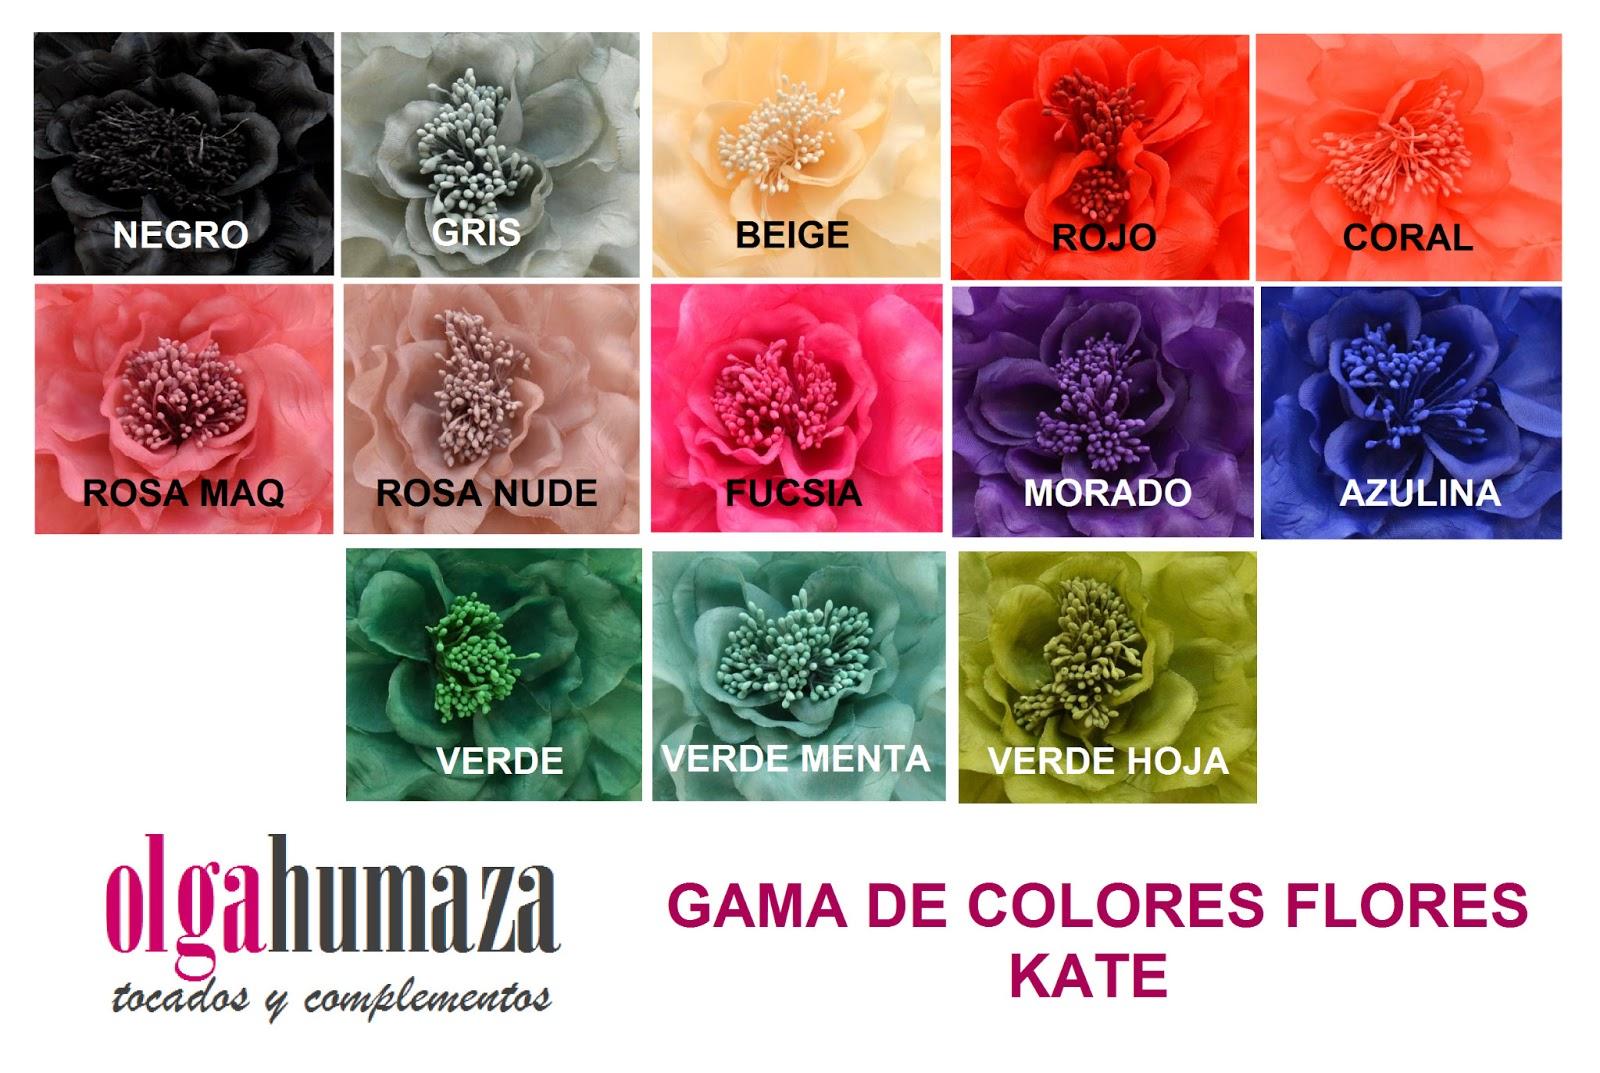 Gama de colores verde gama colores with gama de colores - Gama de colores verdes ...